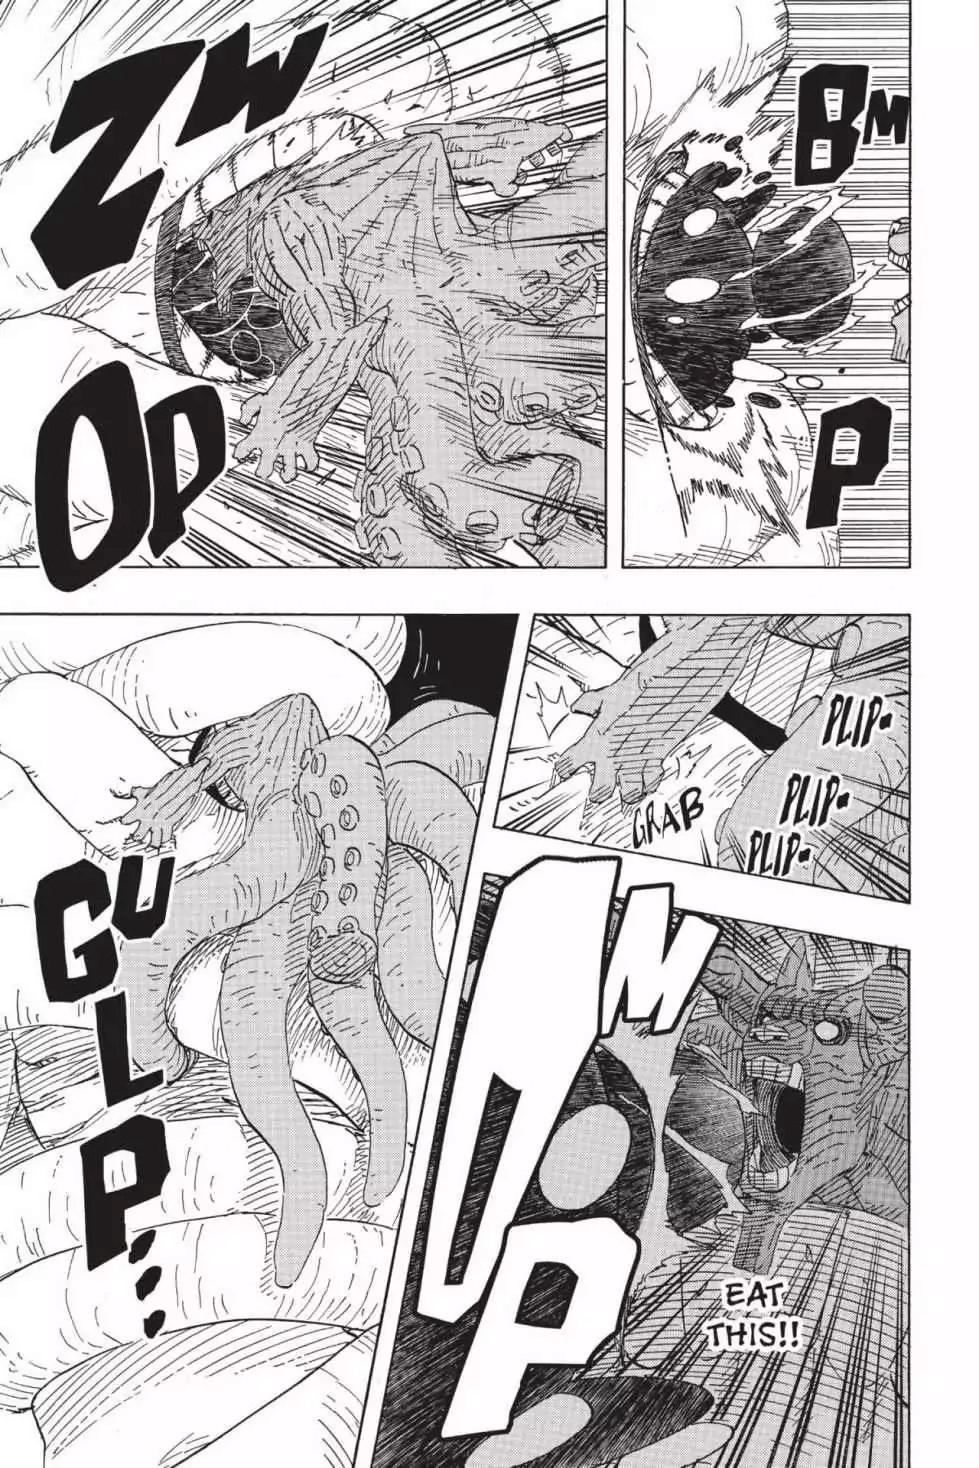 Kakashi conseguiria tankar quantas caudas do Naruto? - Página 3 12_21810